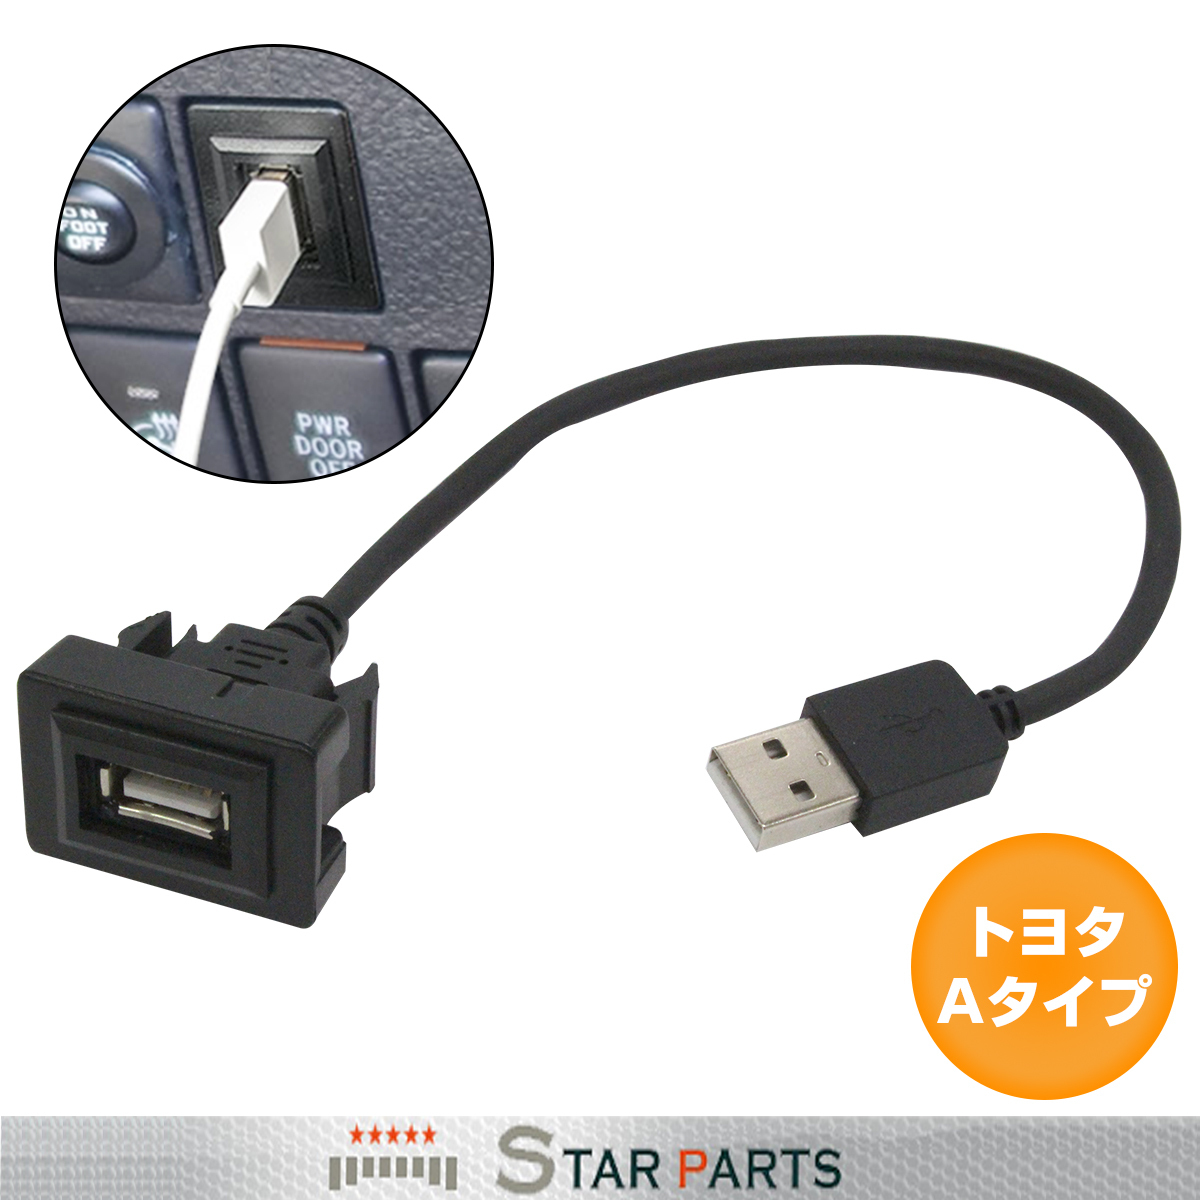 【トヨタAタイプ】 ラクティス 100系 H17.10~H22.10 純正風♪ USB接続通信パネル 配線付 USB1ポート 埋め込み 増設USBケーブル 2.1A 12V_画像1